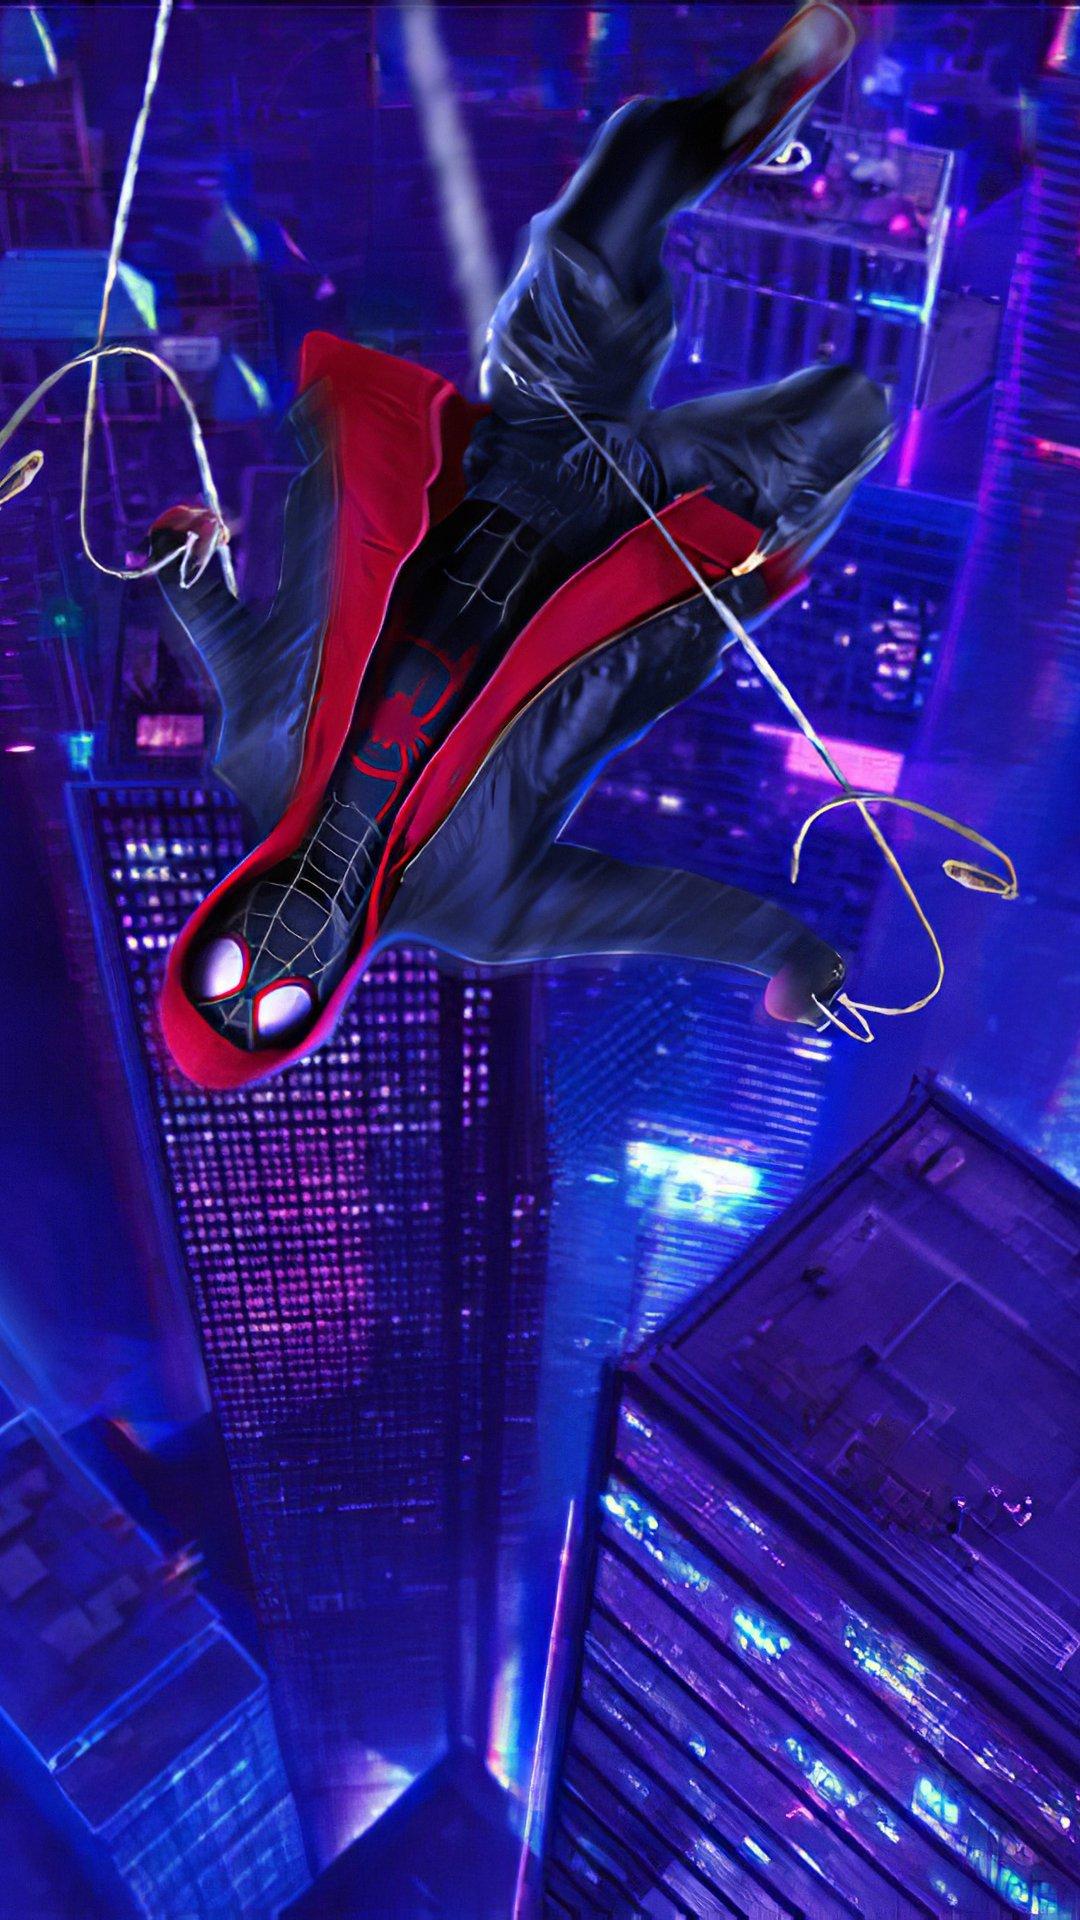 Fondos de pantalla El hombre araña cayendo en edificios Vertical